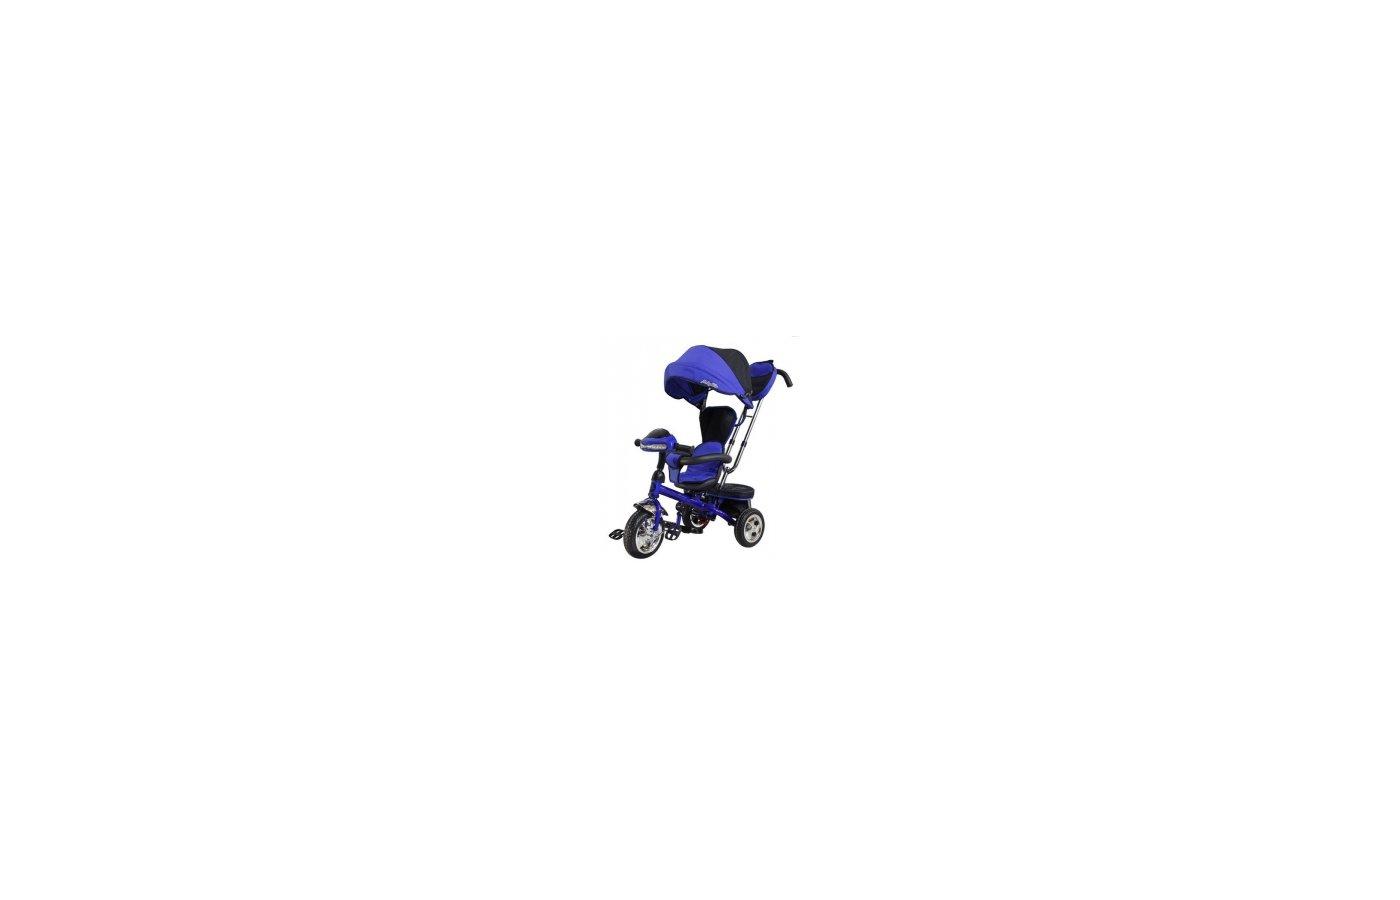 Велосипед Moby Kids 64567 Трайк Комфорт-Ультра синий